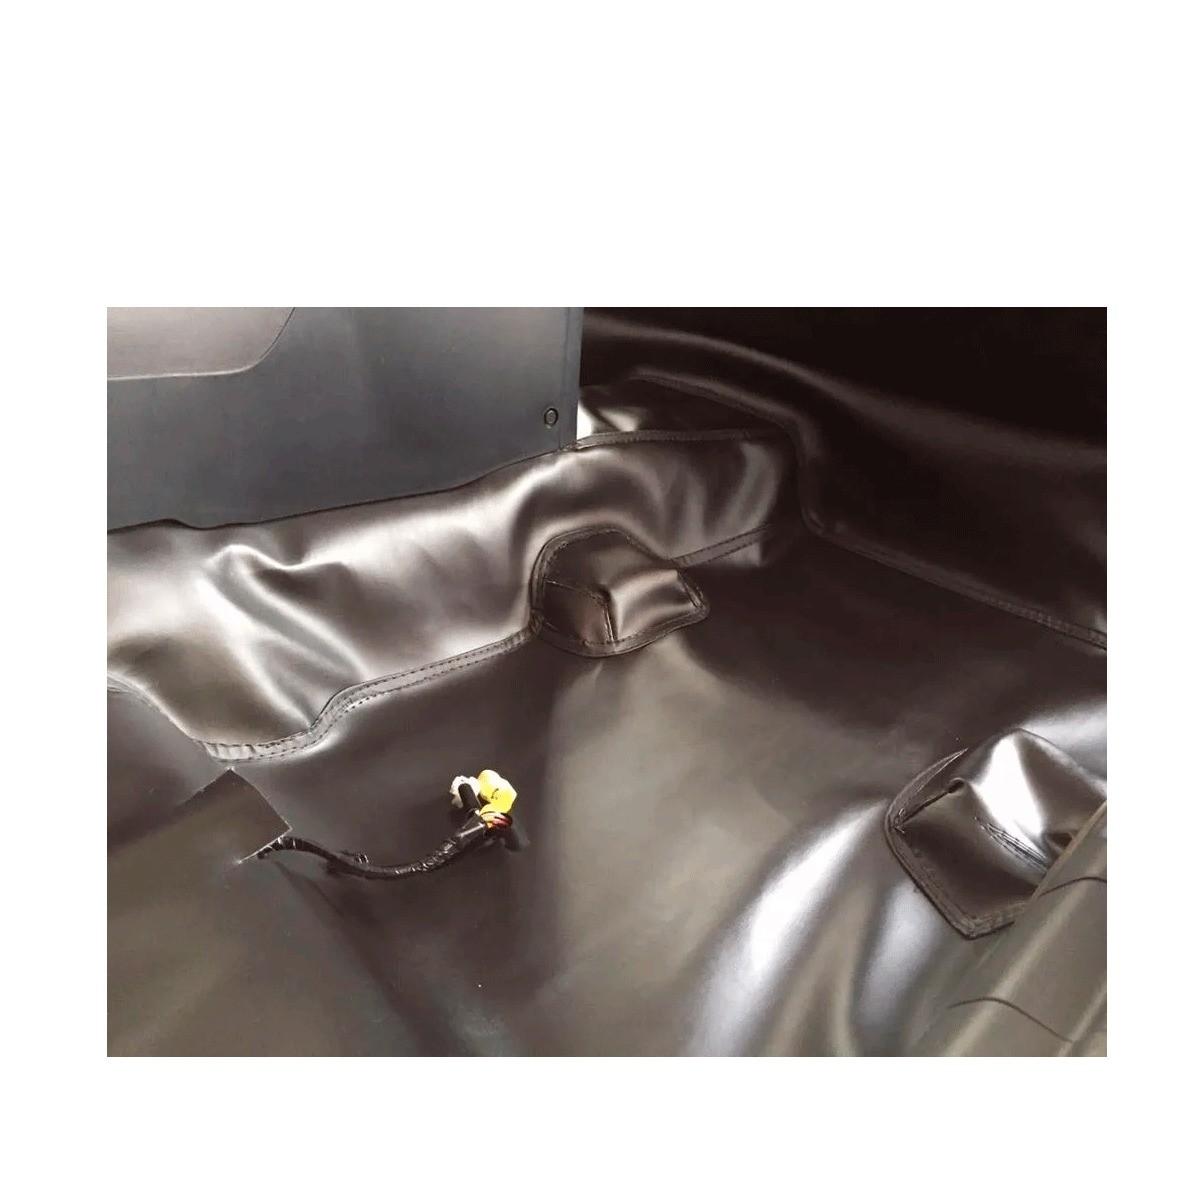 Tapete Automotivo Assoalho Emborrachado Bidim Ford Ecosport 2003 a 2012